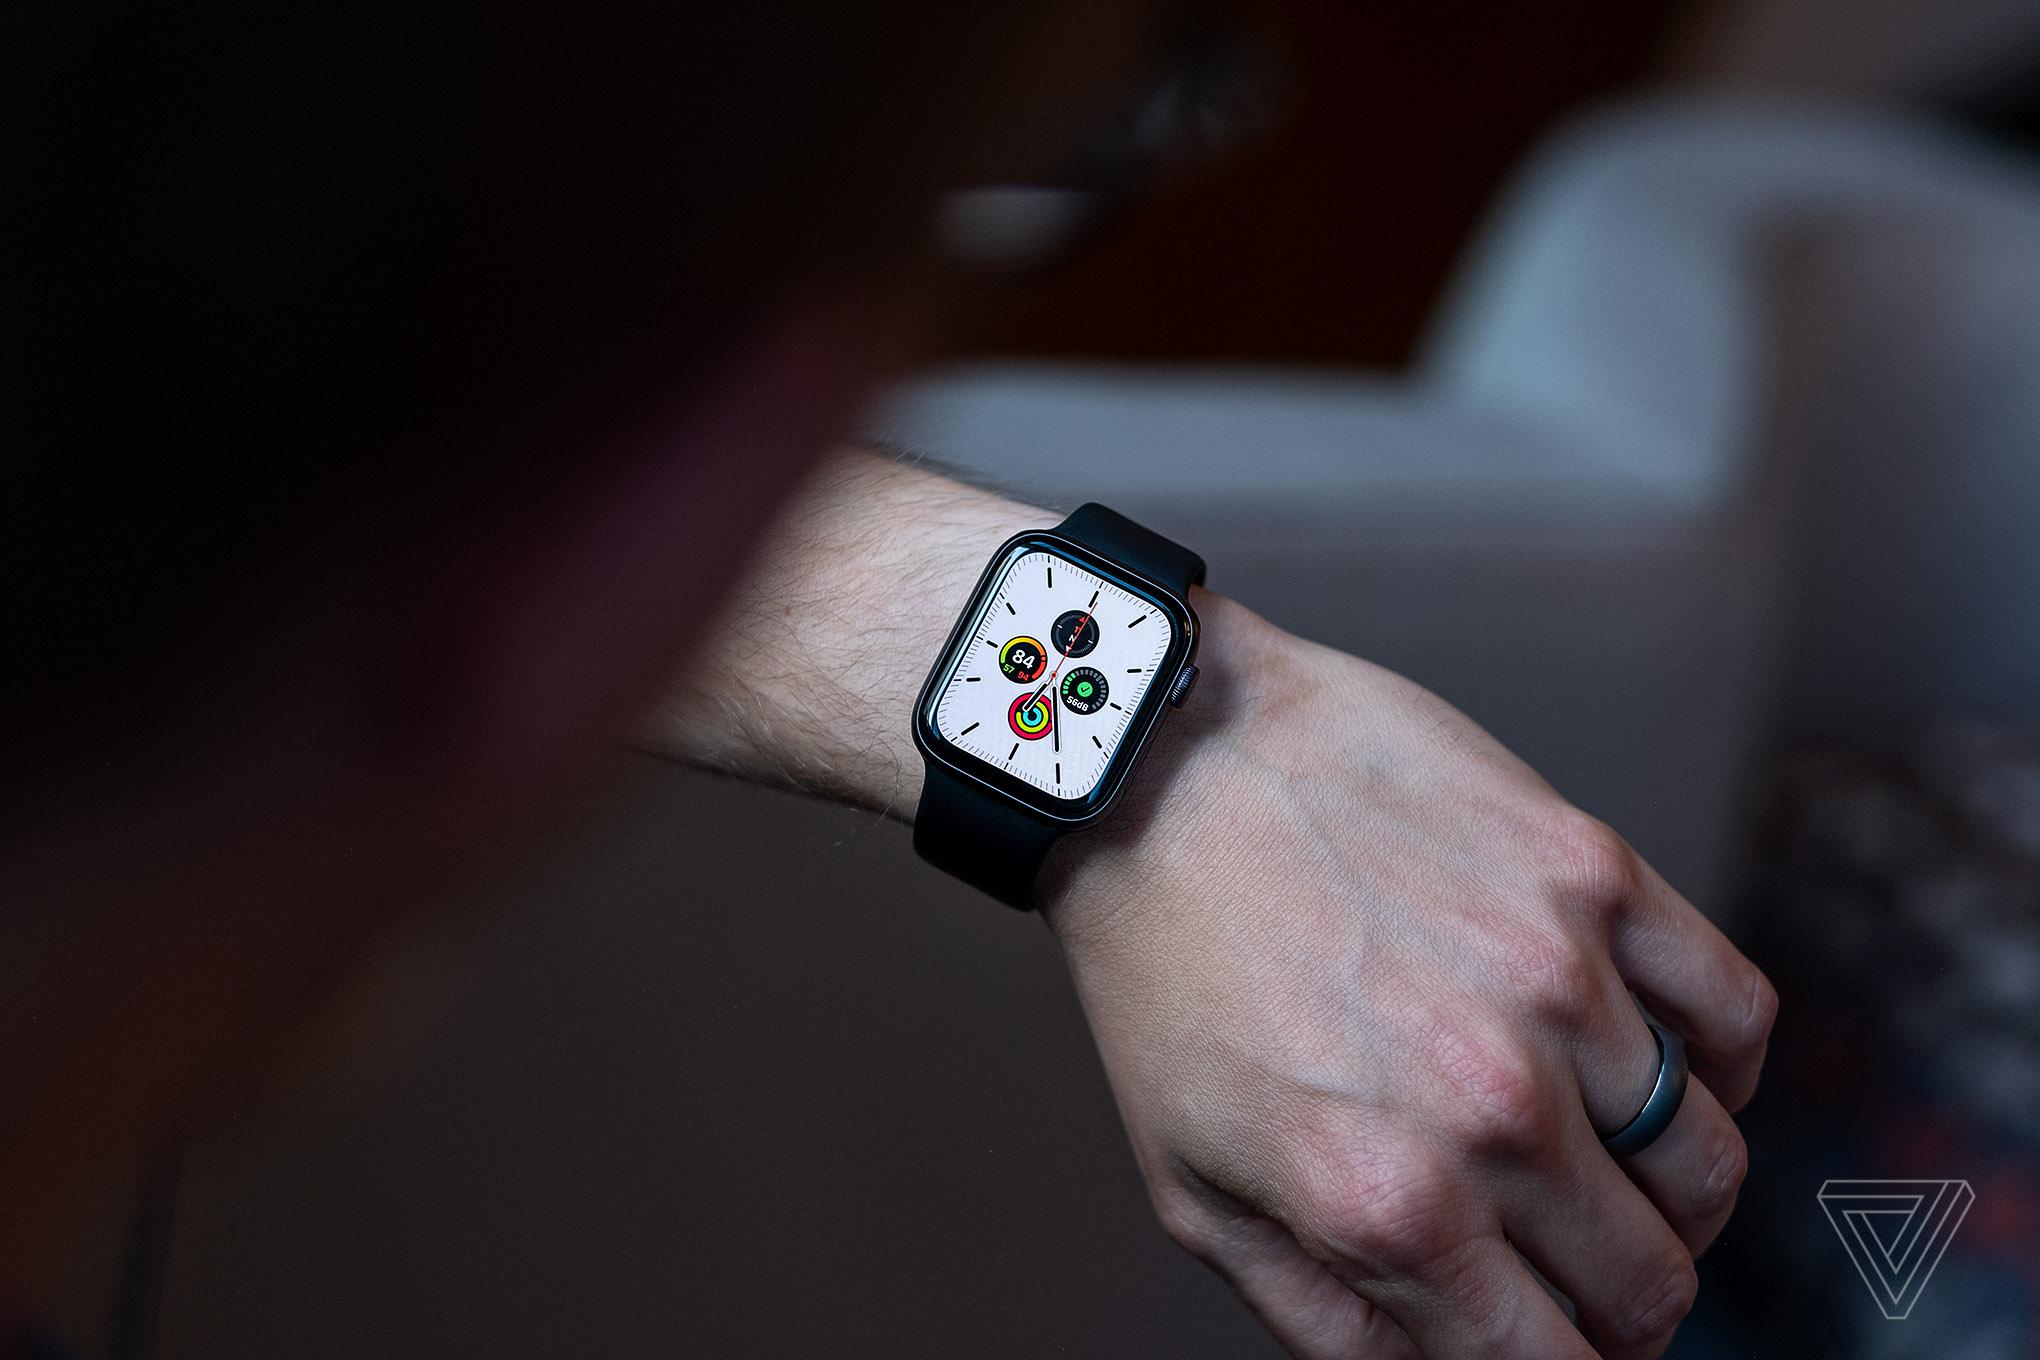 Rò rỉ hàng loạt tính năng của HĐH Apple watchOS 7: theo dõi giấc ngủ, chia sẻ mặt đồng hồ